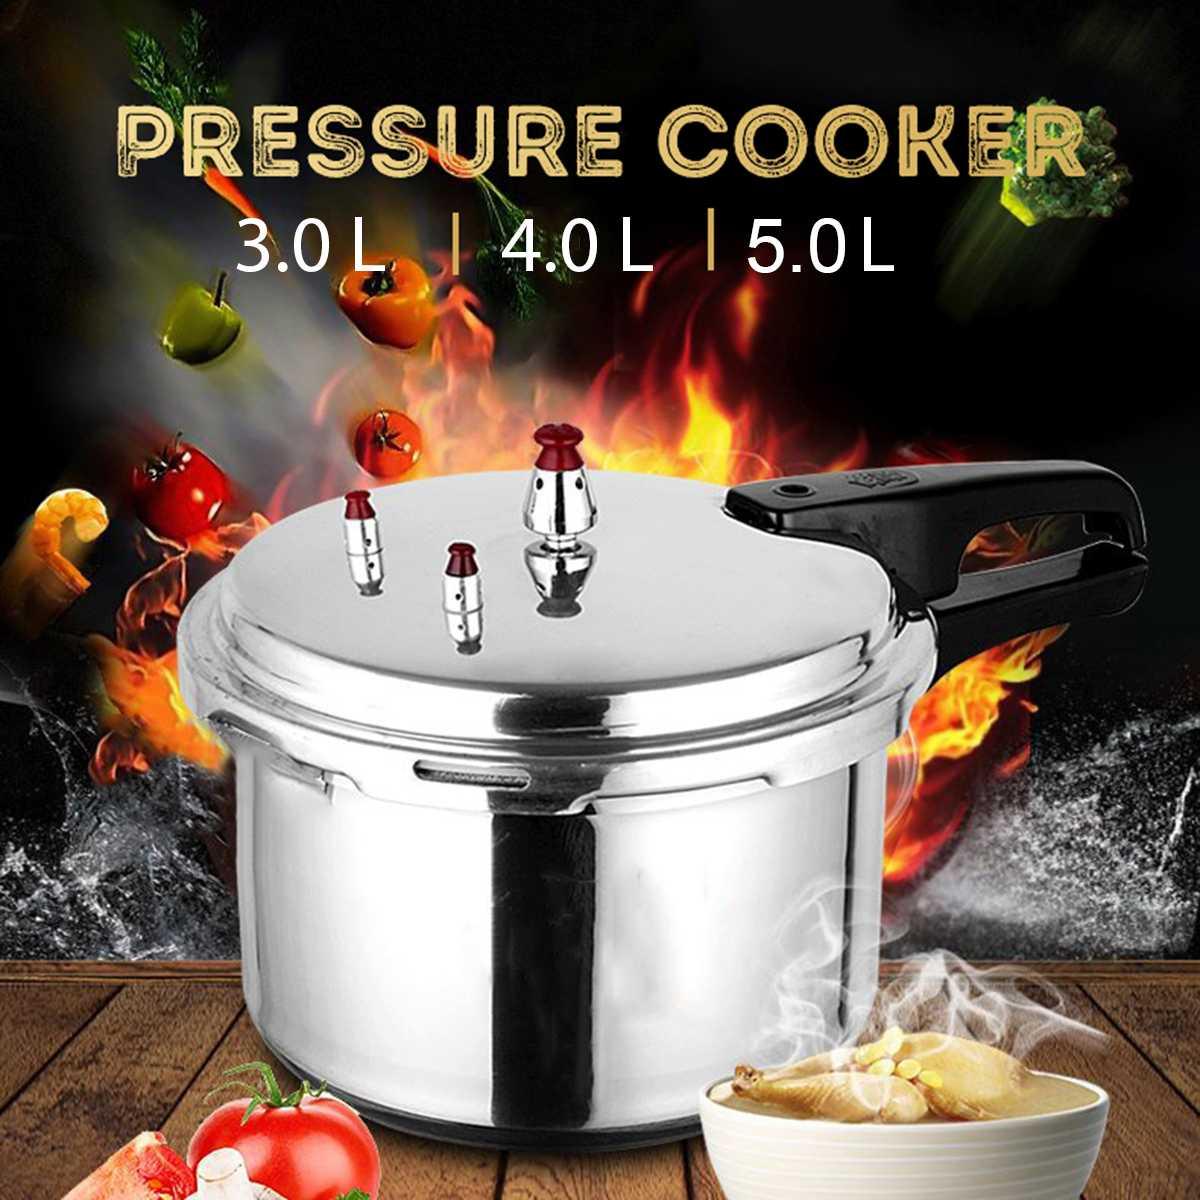 Кухонная скороварка, посуда, кастрюля для супа, мяса, 18/20/22 см, газовая плита/скороварка с открытым огнем, инструмент для приготовления пищи н...